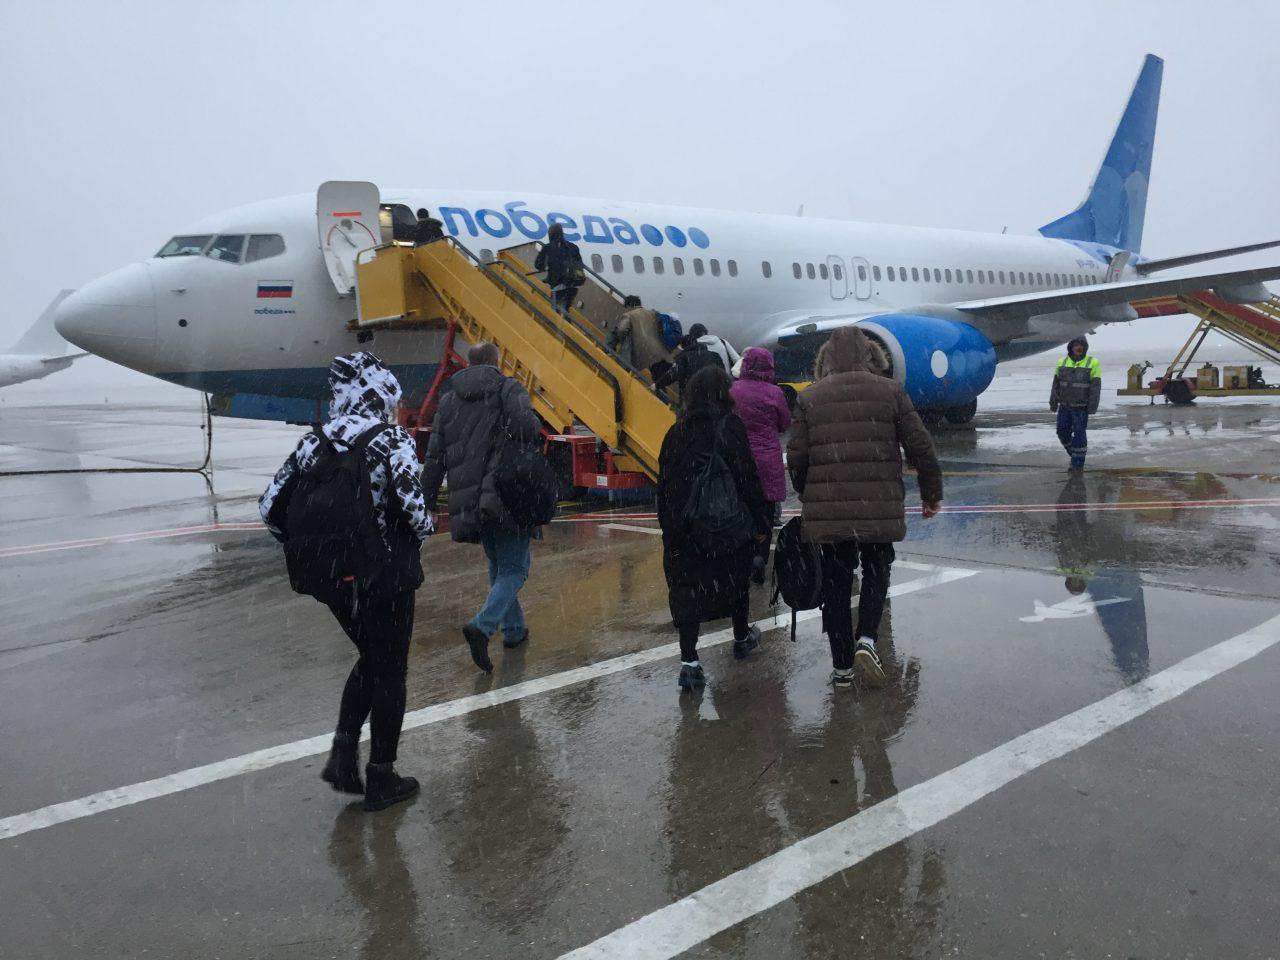 Самолет авиакомпании «Победа» совершил экстренную посадку во Внуково из-за отказавшего двигателя